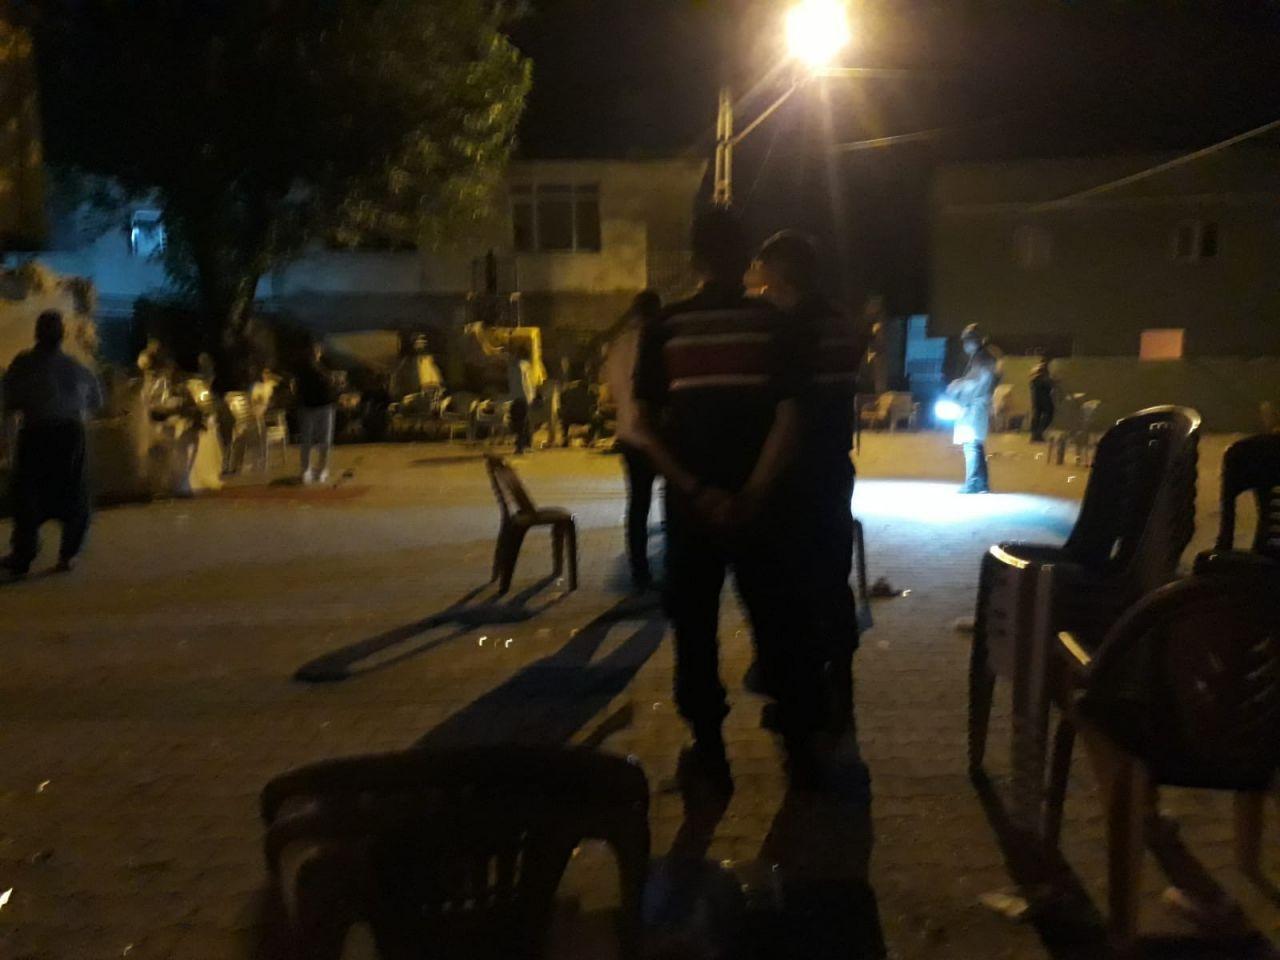 Mersin'de düğünde tüfekle havaya ateş açıldı! 10 kişi yaralandı